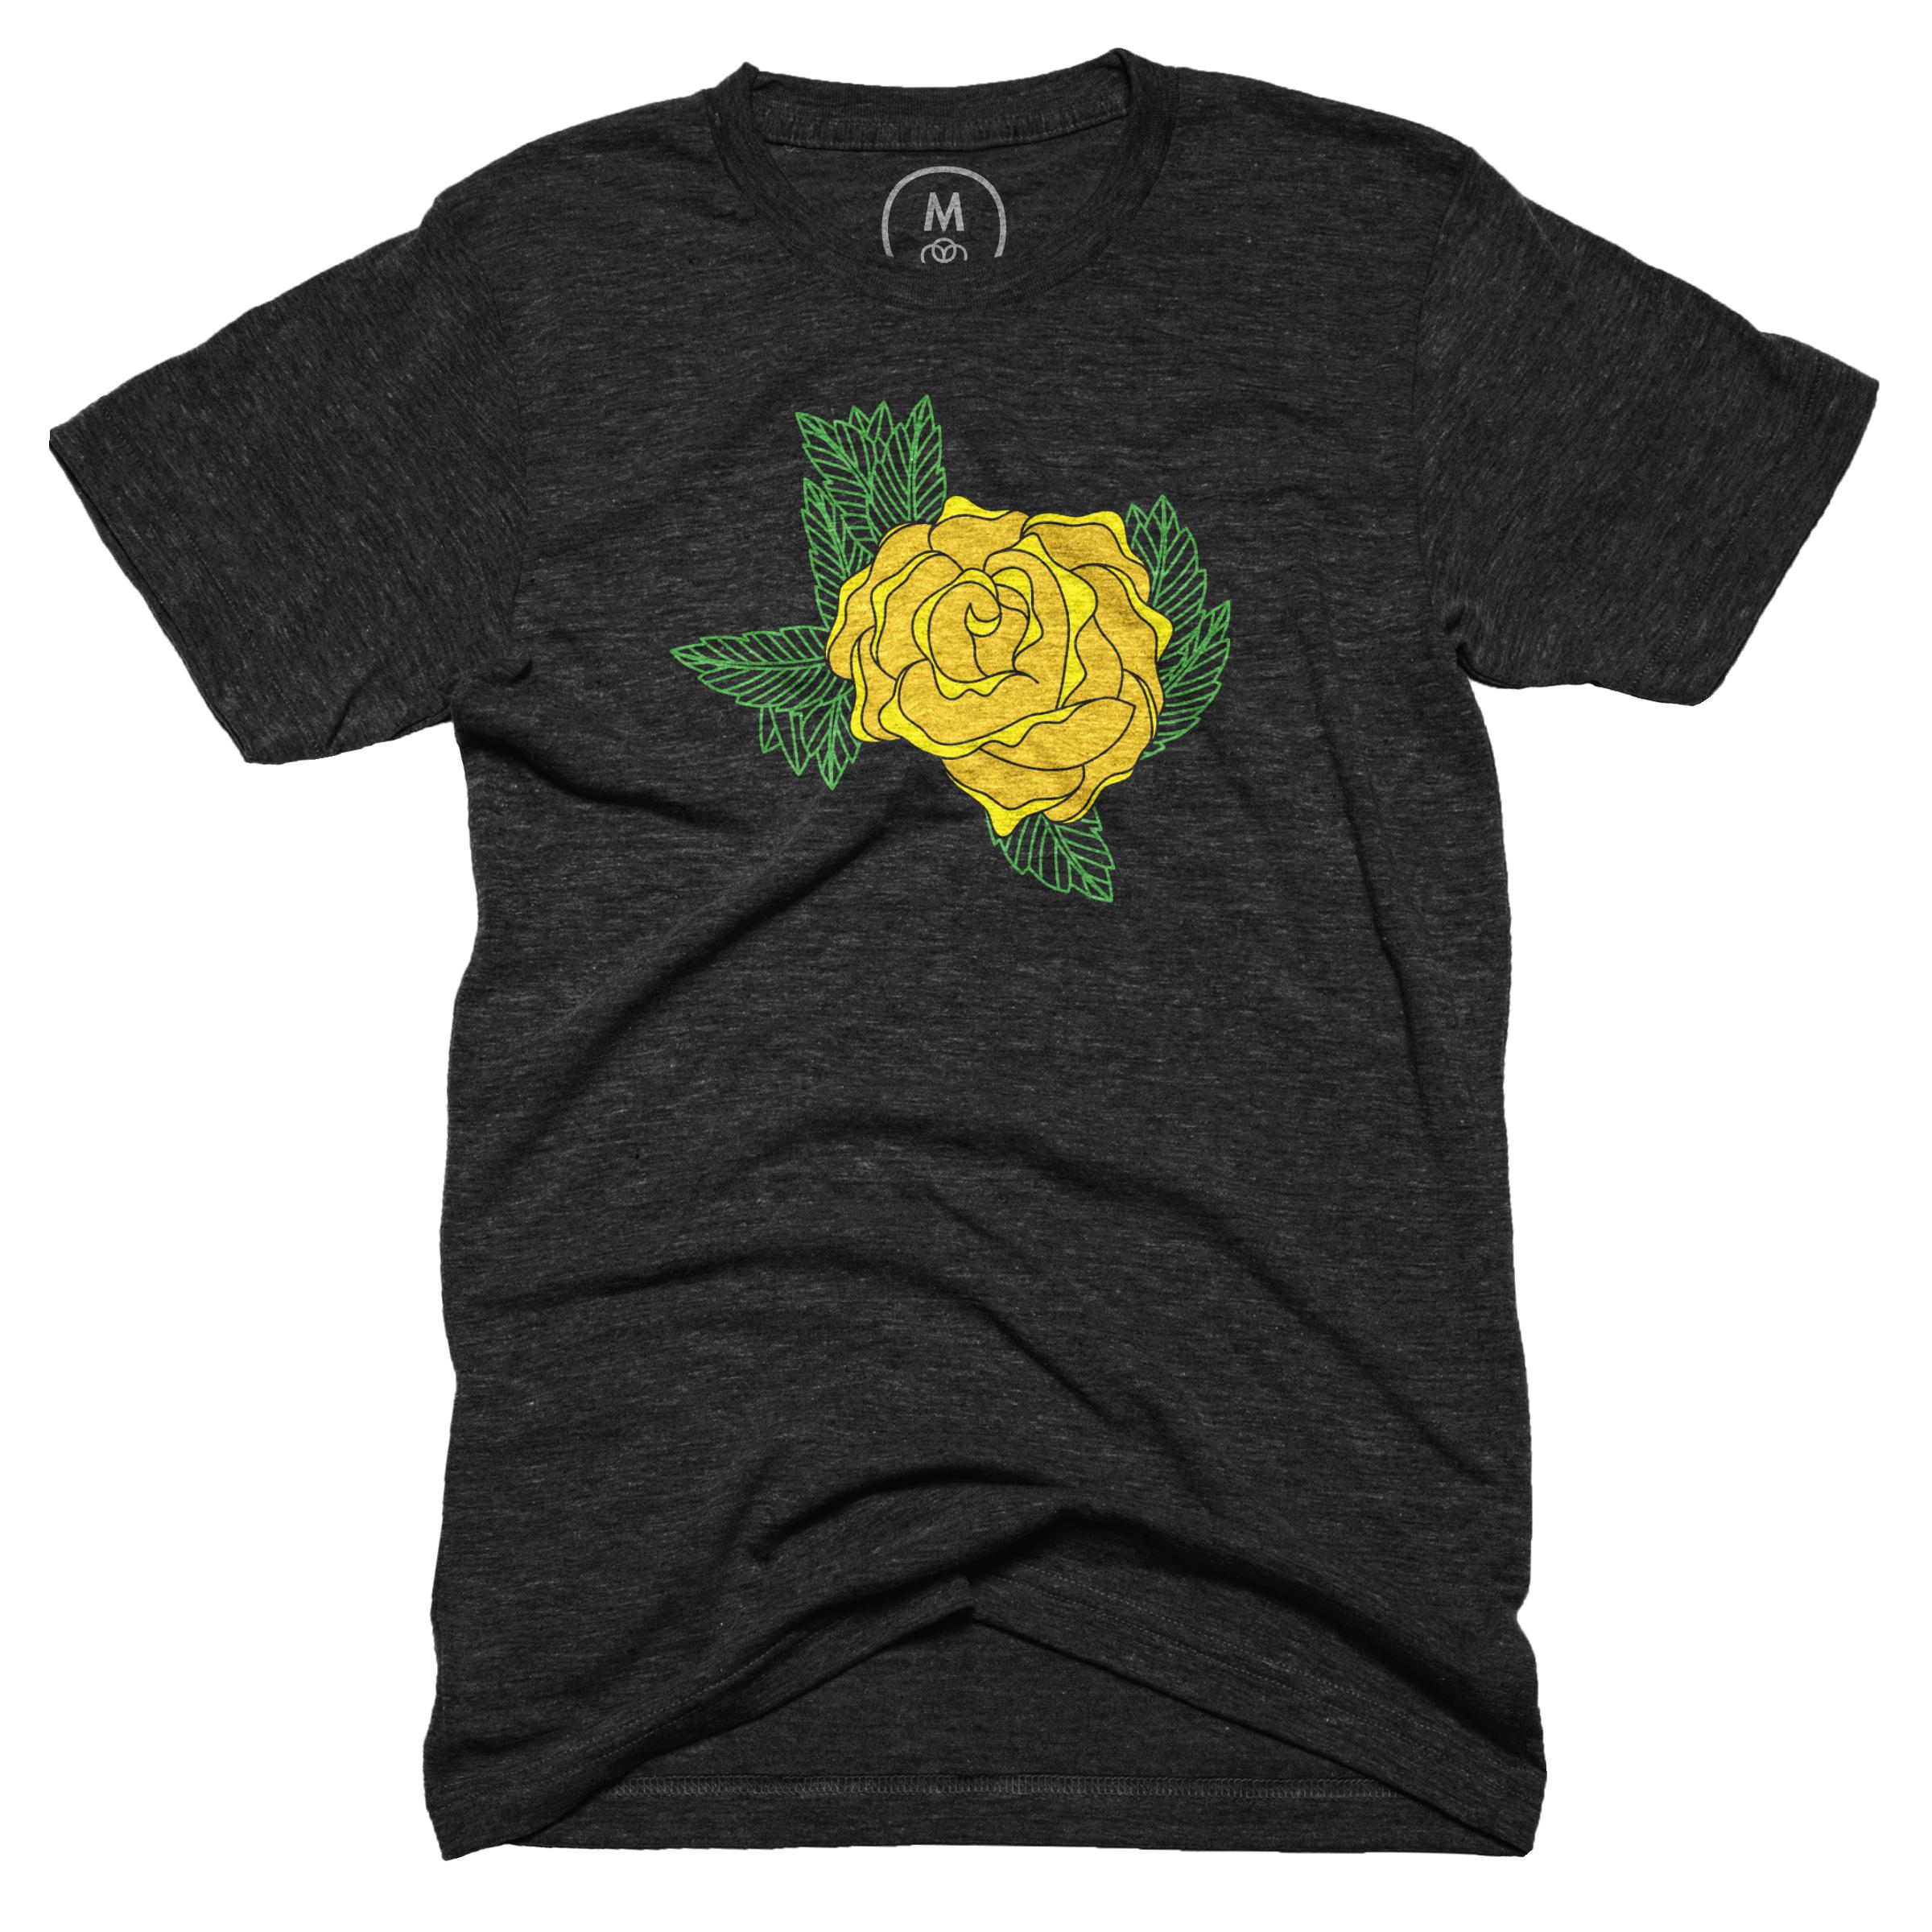 Texas Rose Tri-Black (Men's)